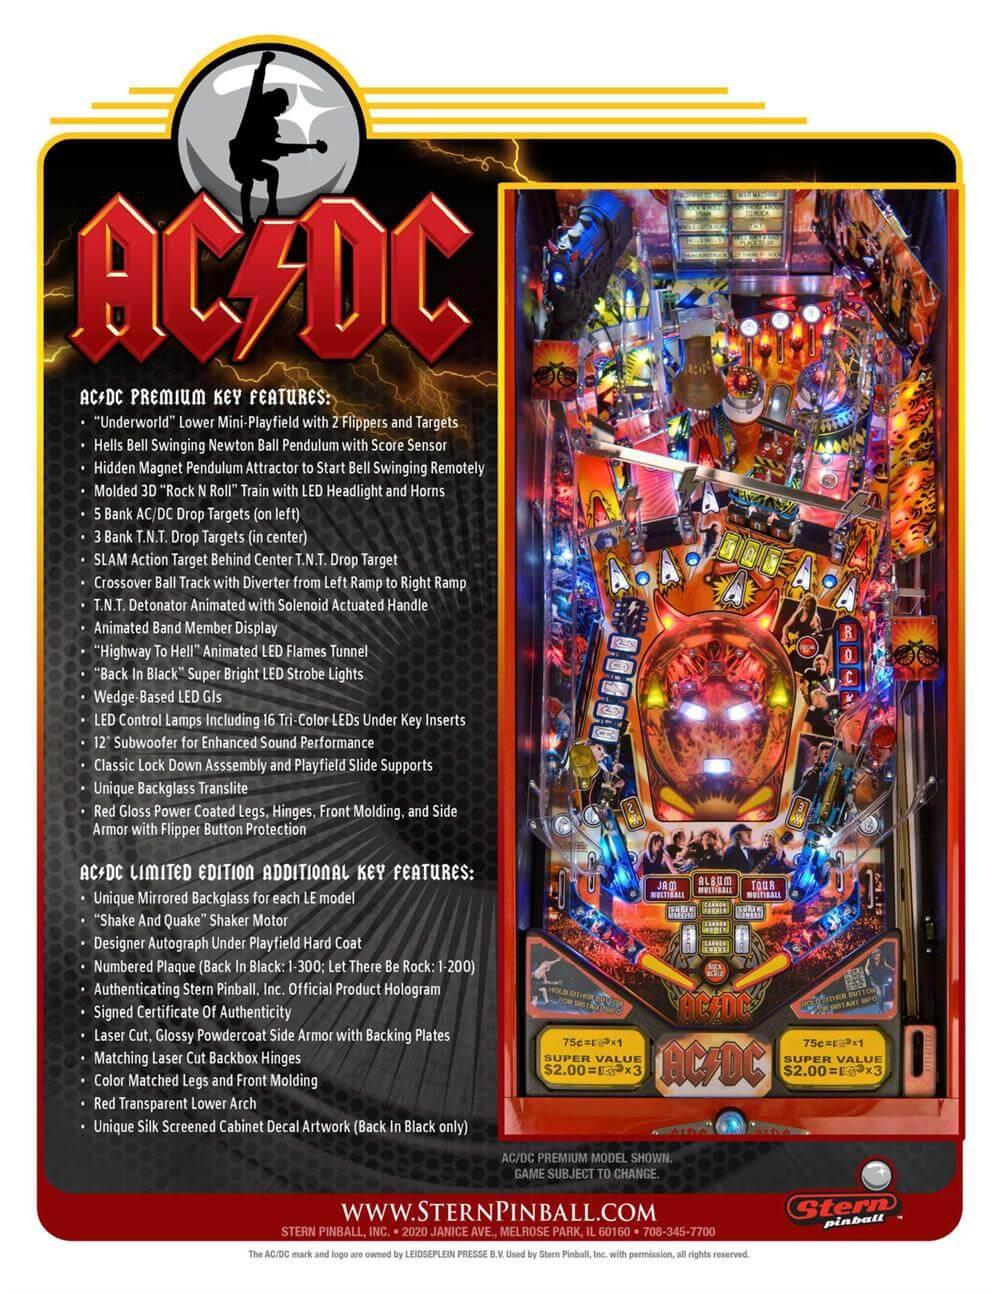 AC/DC Premium Pinball Machine by Stern